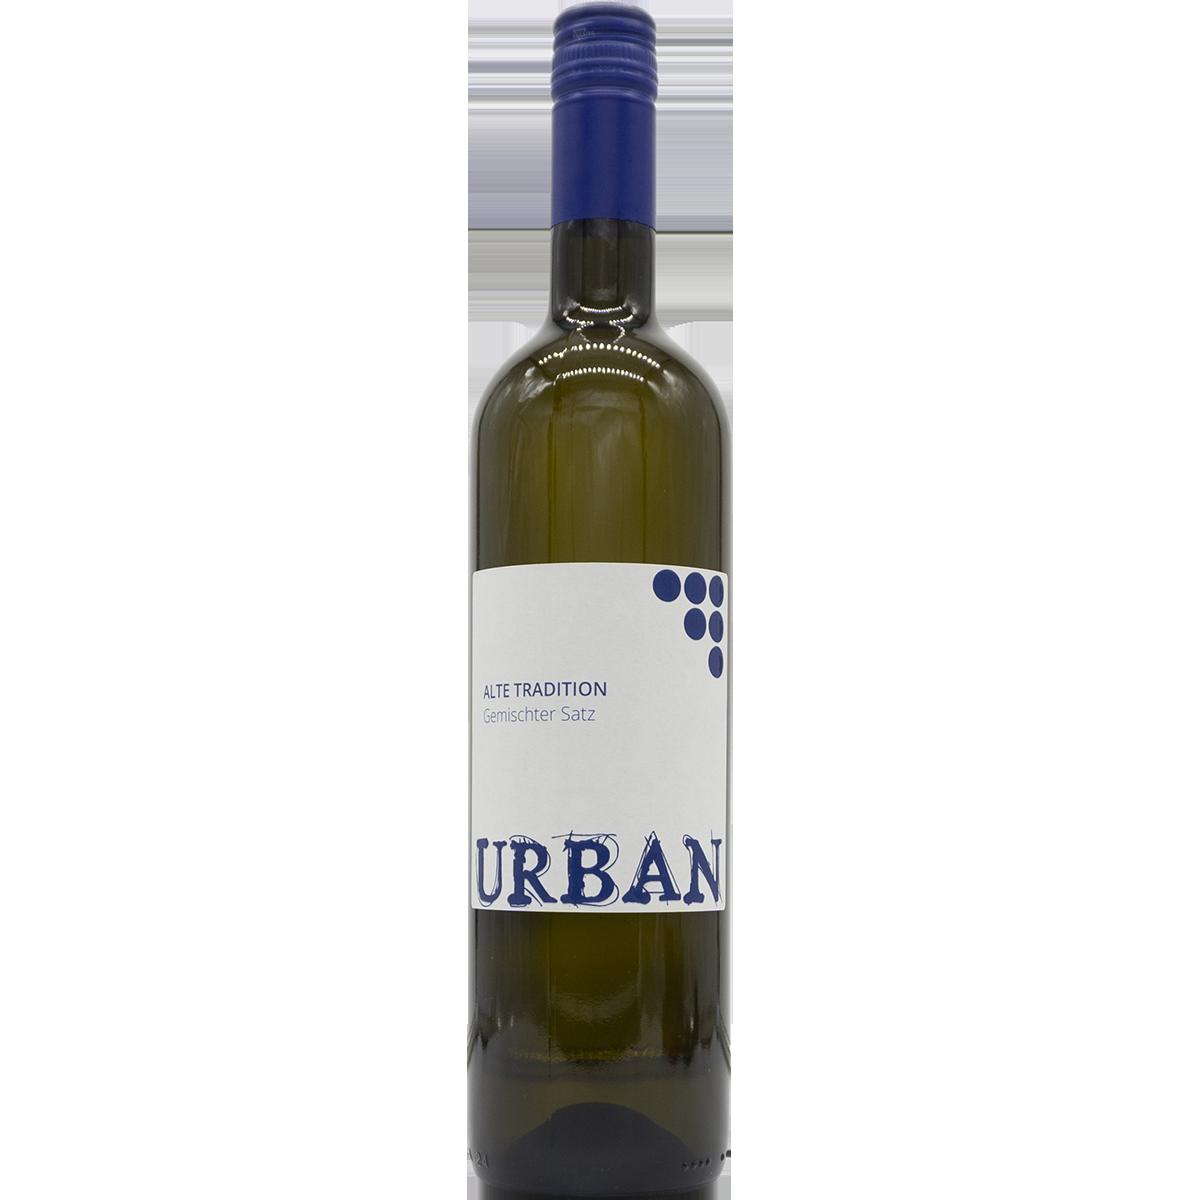 Alte Tradition Gemischter Satz QUW 2020 - Urban,  Weinviertel